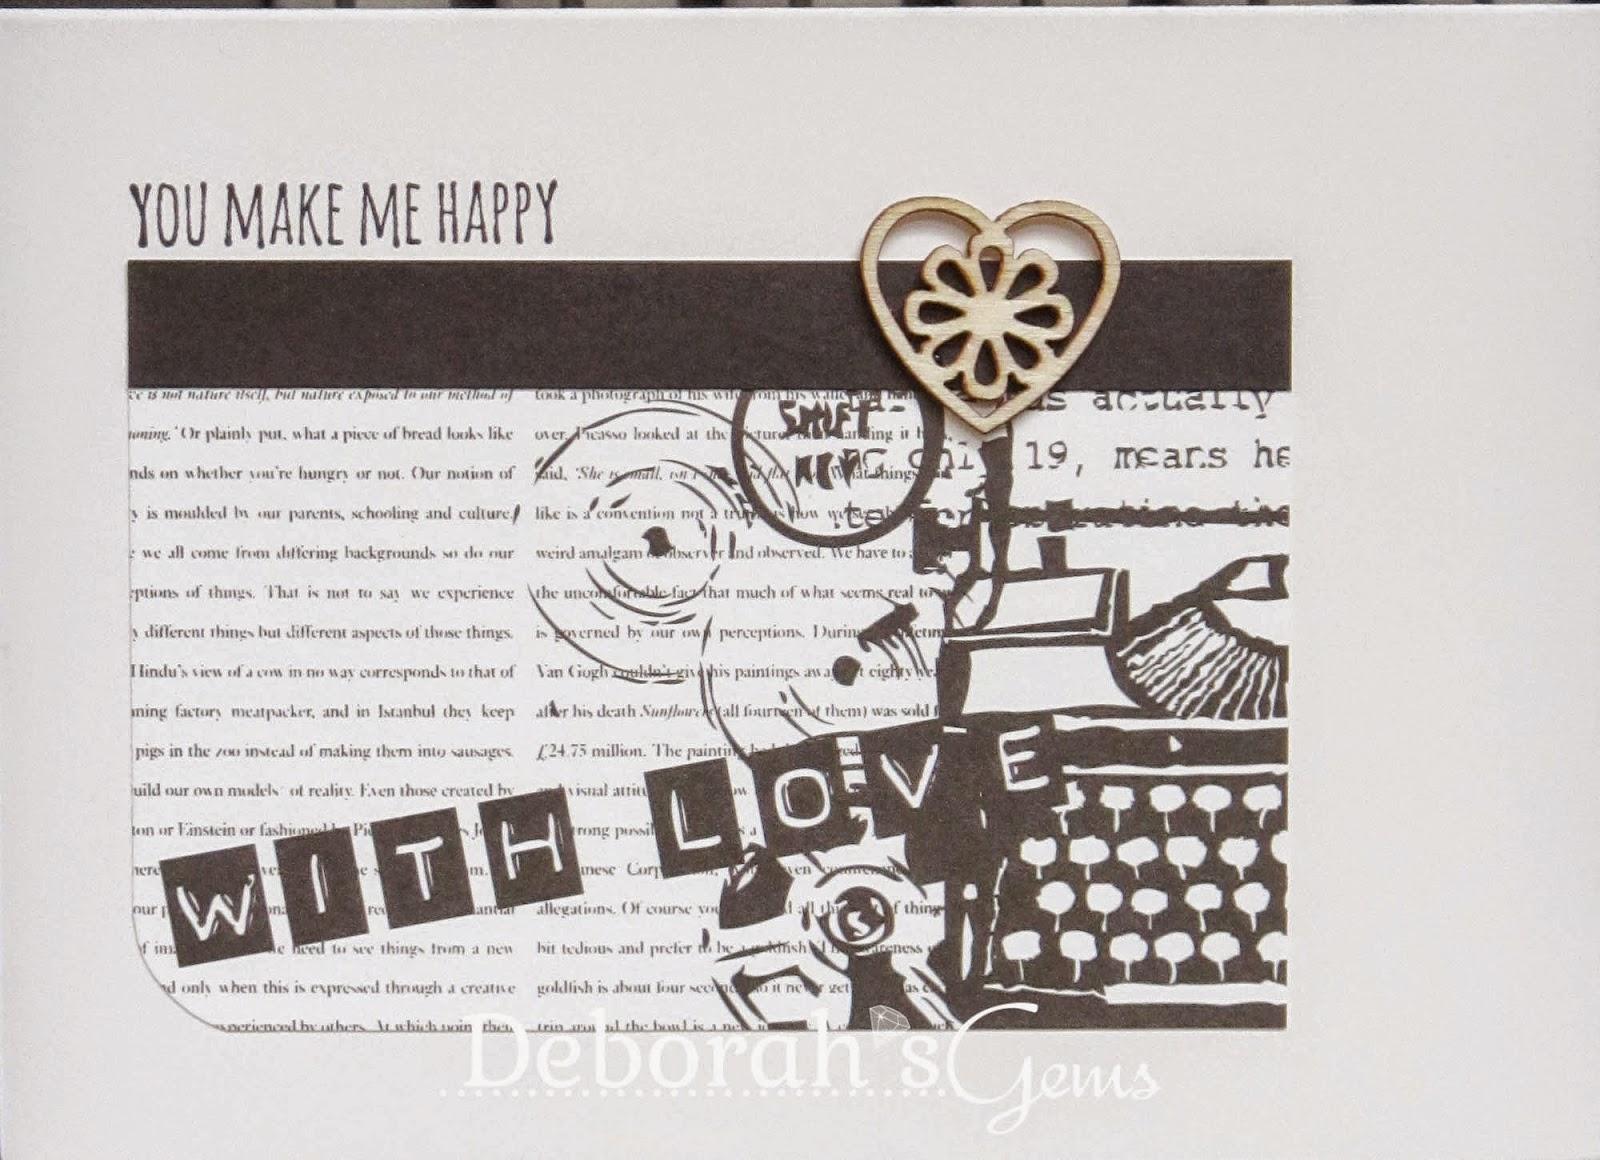 You Make Me Happy - photo by Deborah Frings - Deborah's Gems